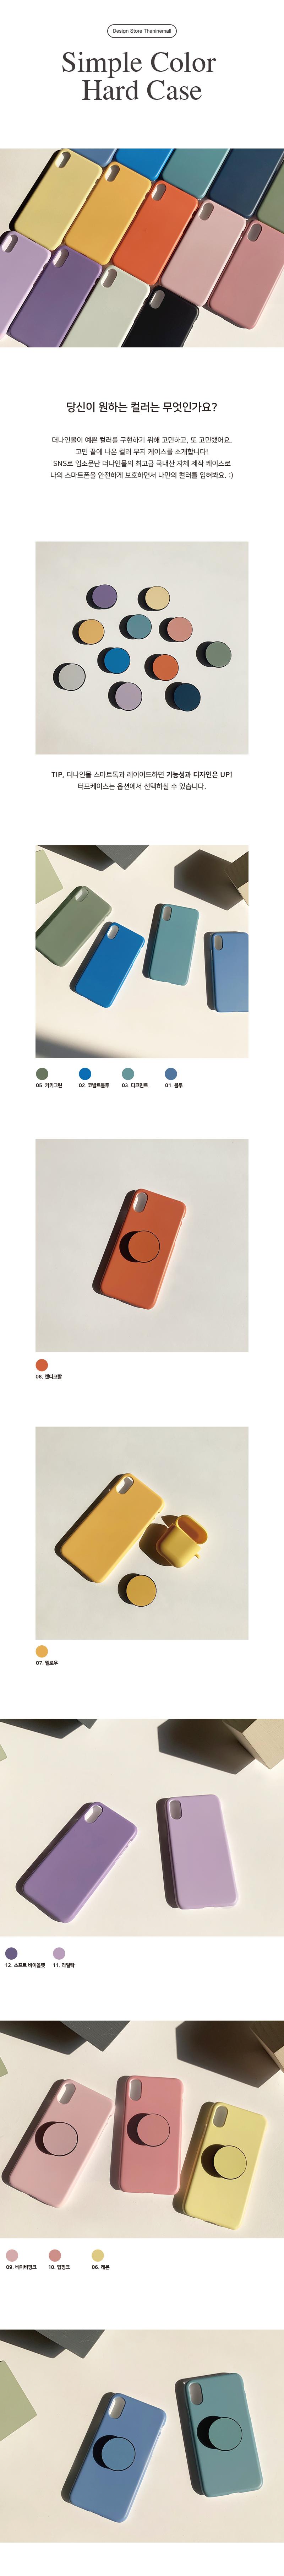 무지 컬러 하드케이스 13 스모크화이트 - 주식회사 모먼트디자인, 9,600원, 케이스, 아이폰XS